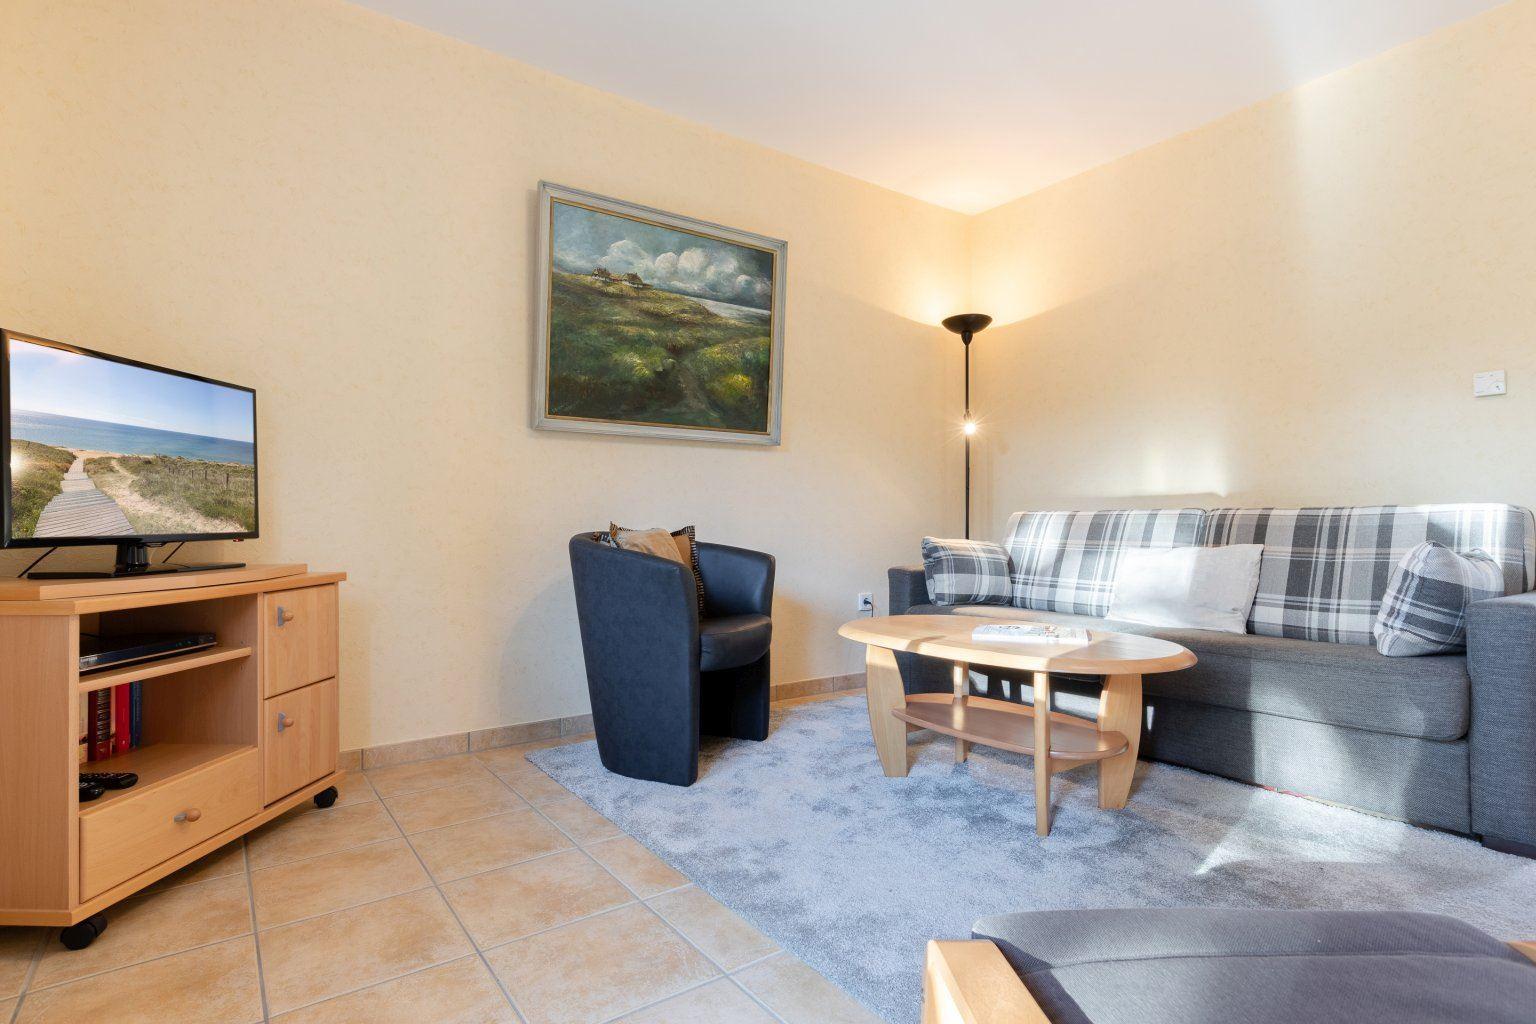 Wohnzimmer - St Peter Ording Dorf, Haus Sandkamp 4, Wohnung 13